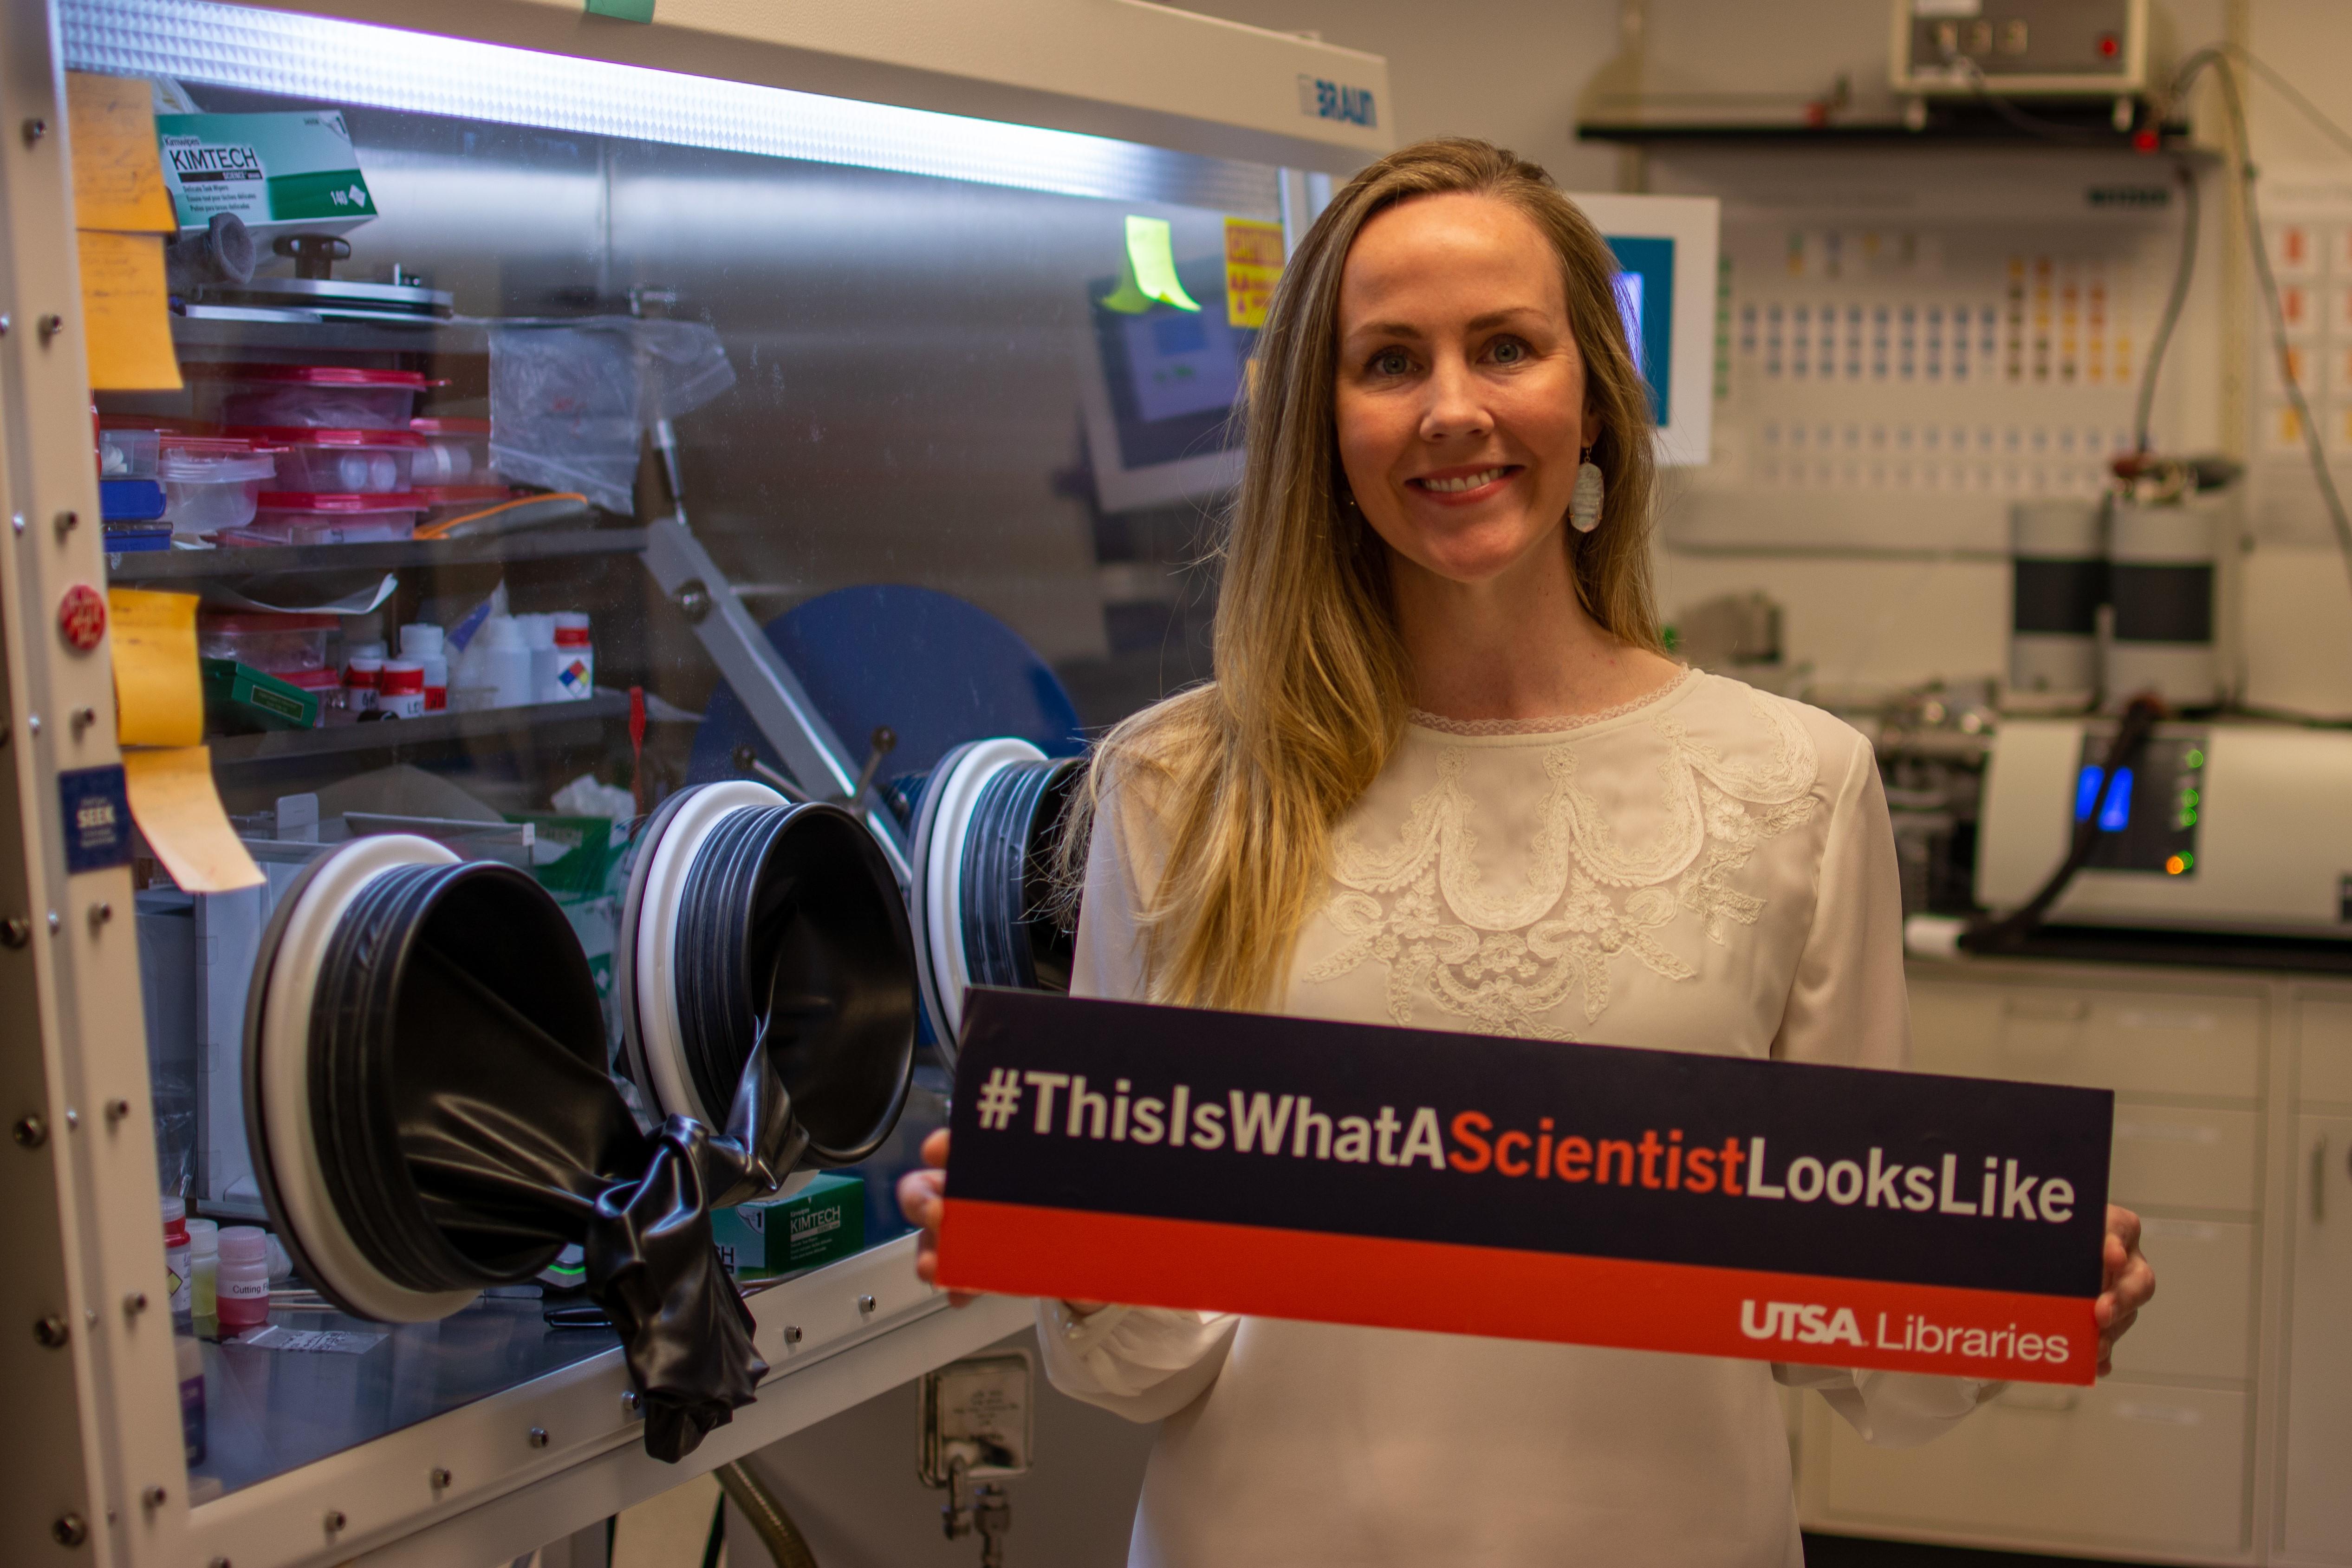 Dr. Elizabeth Sooby-Wood